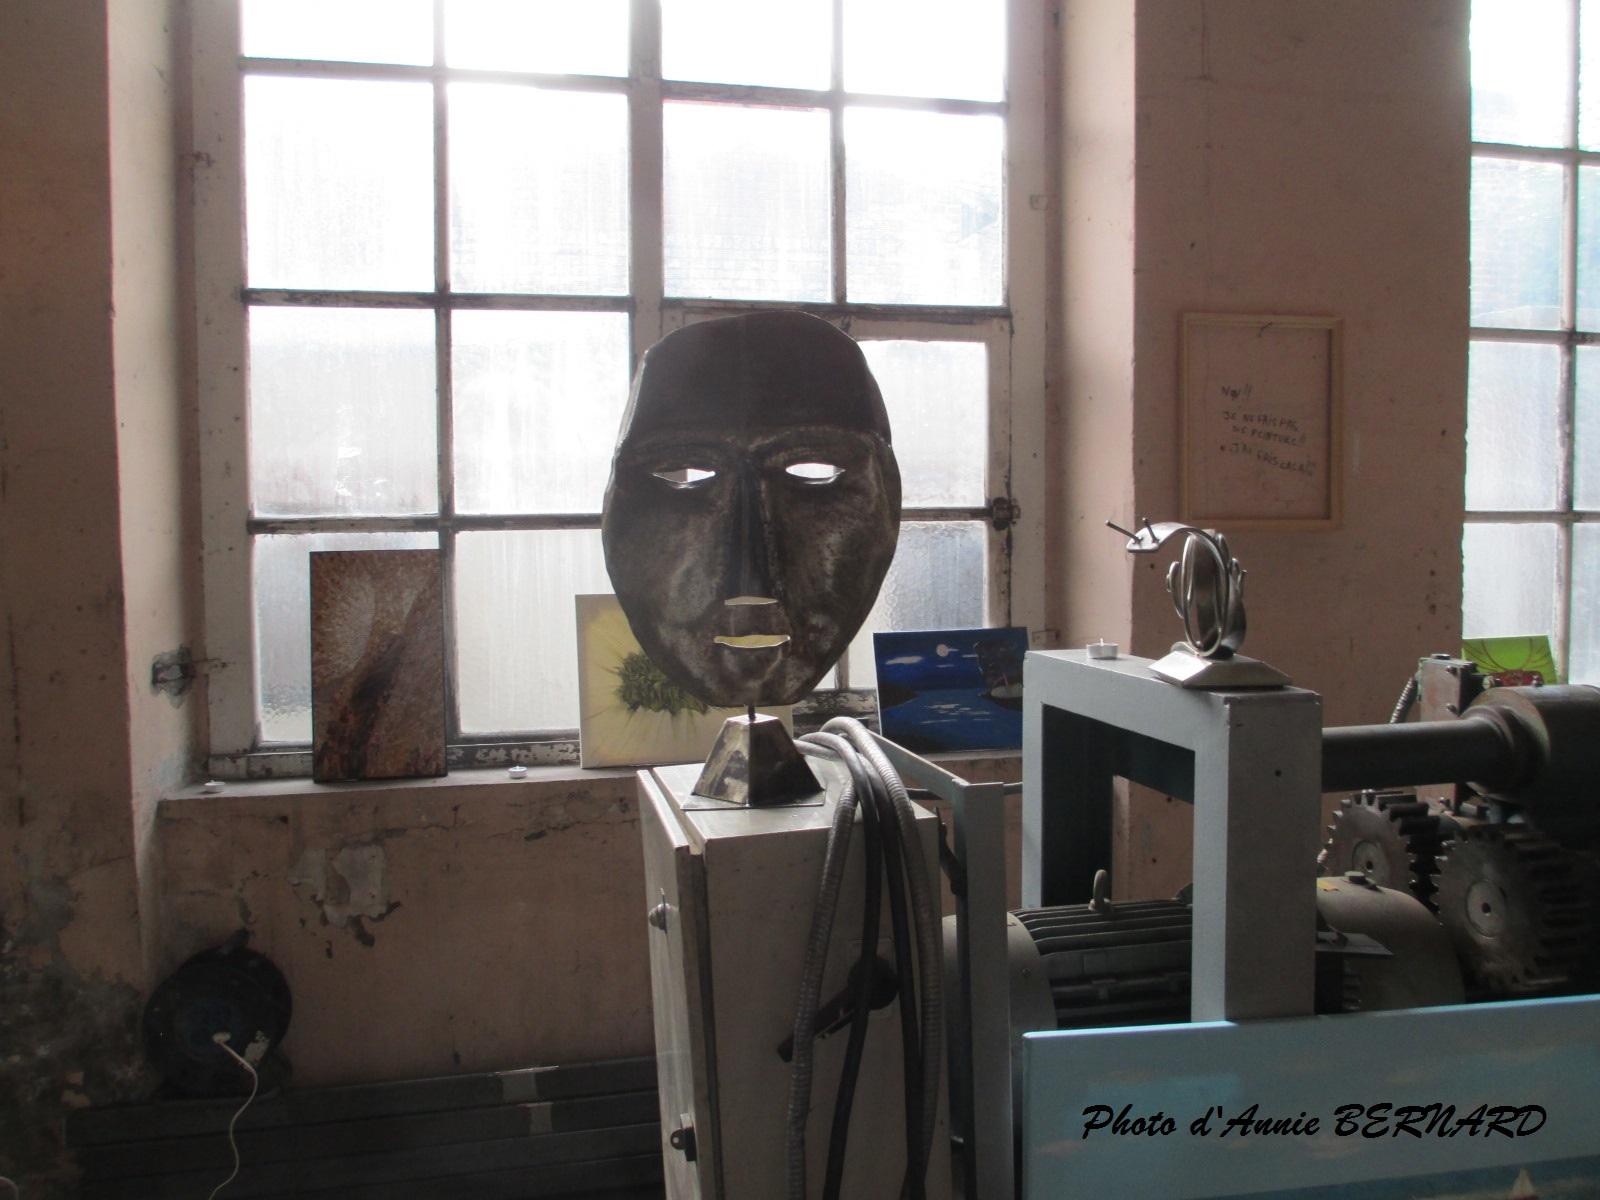 Un masque  observant le passant